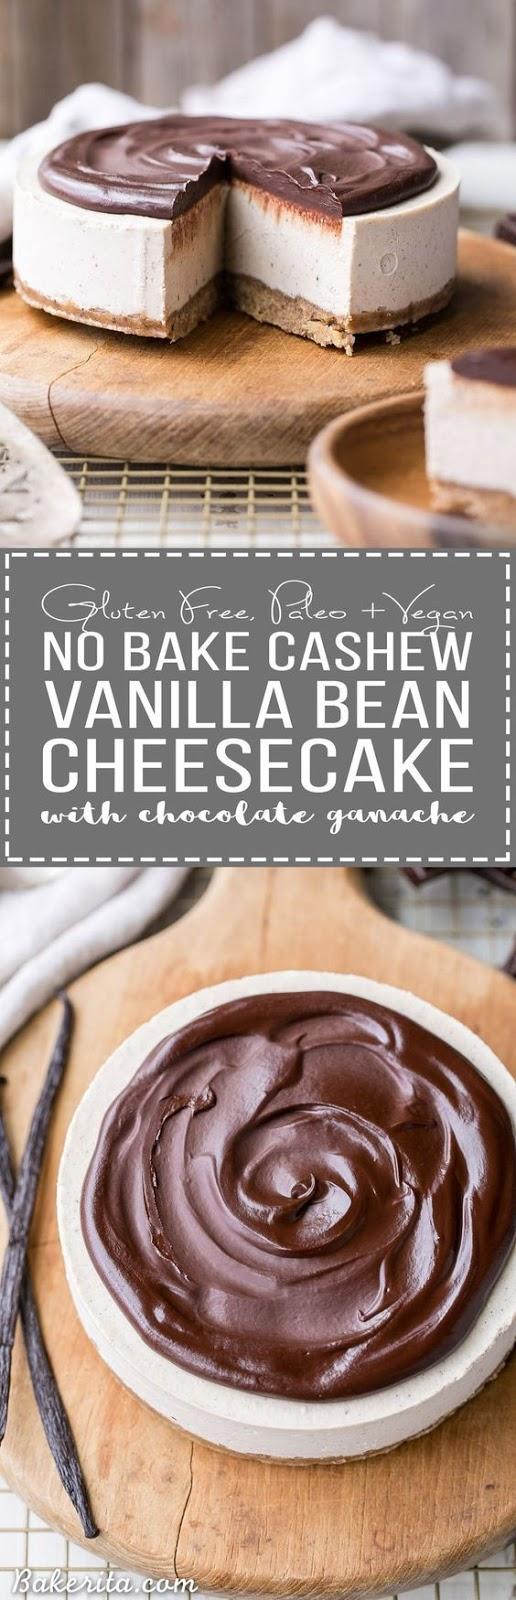 NO-BAKE VANILLA BEAN CHEESECAKE WITH CHOCOLATE GANACHE (GLUTEN FREE, PALEO + VEGAN)